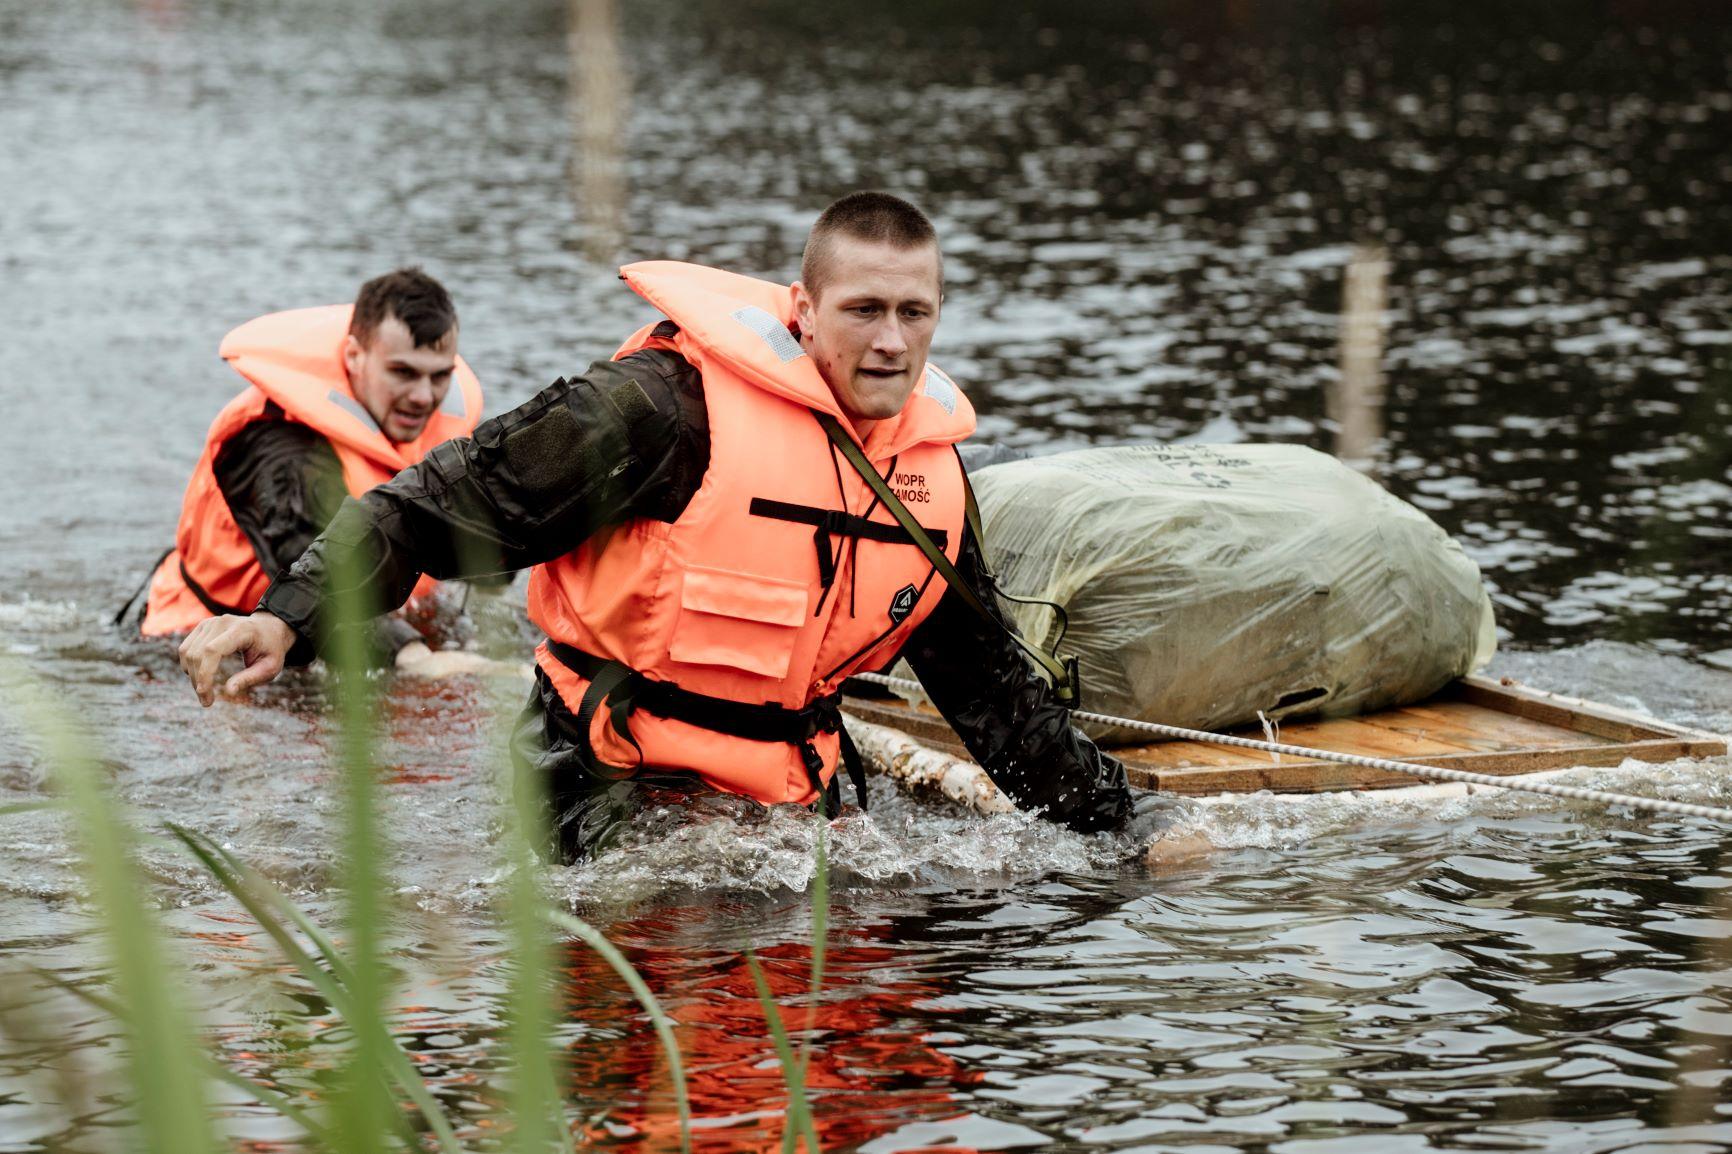 2 lbot cwiczenia z wopr jacnia 03072021 3 Akcja ratownicza na zalewie w Jacni z udziałem zamojskich Terytorialsów i WOPRU